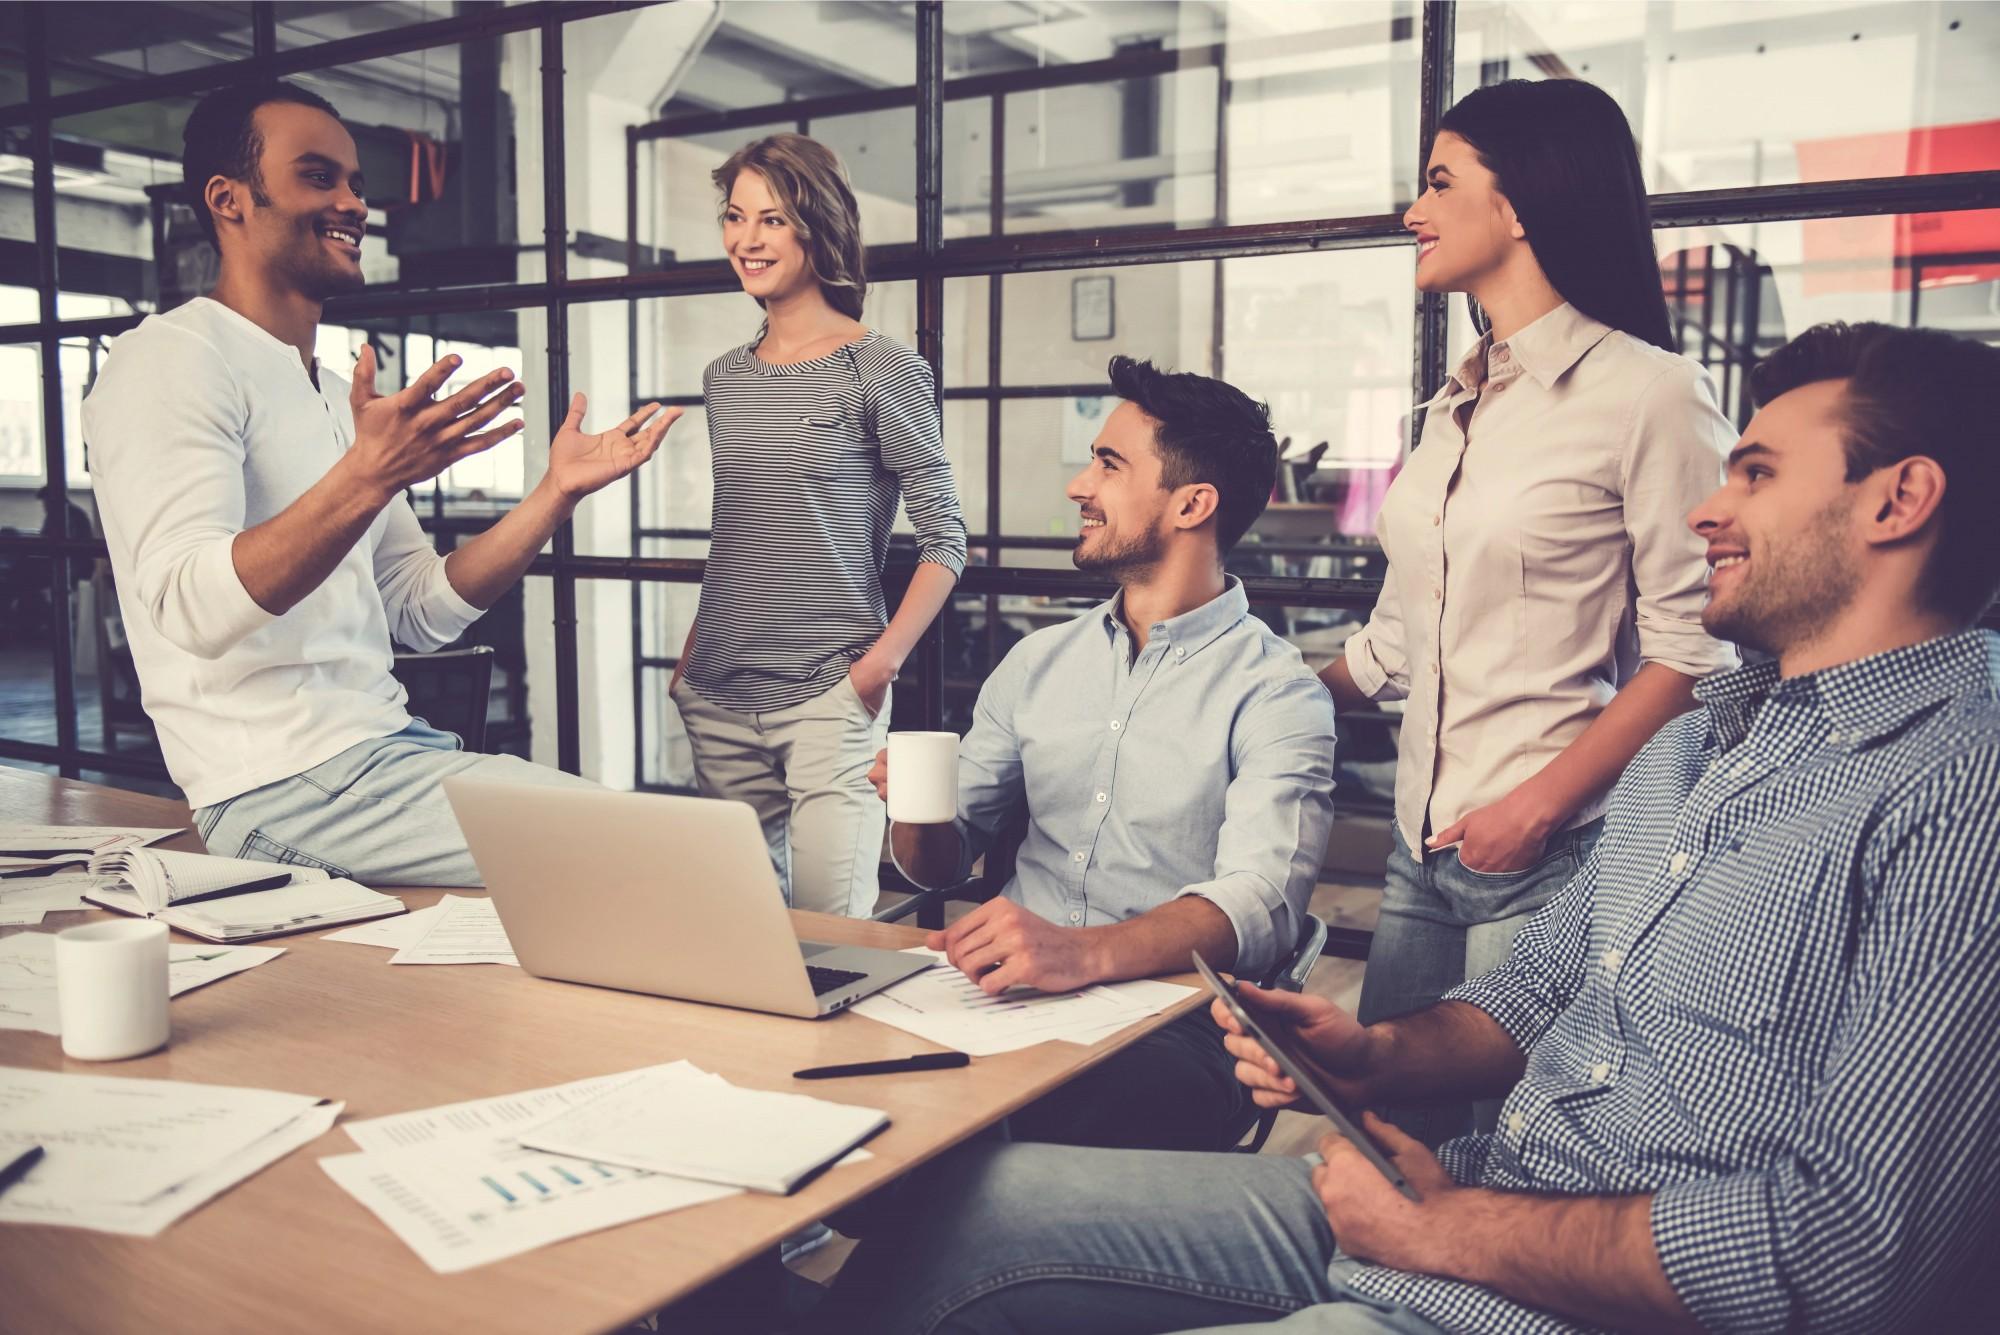 Çalışanları Gün Boyunca Motive Tutmanın 5 Yolu